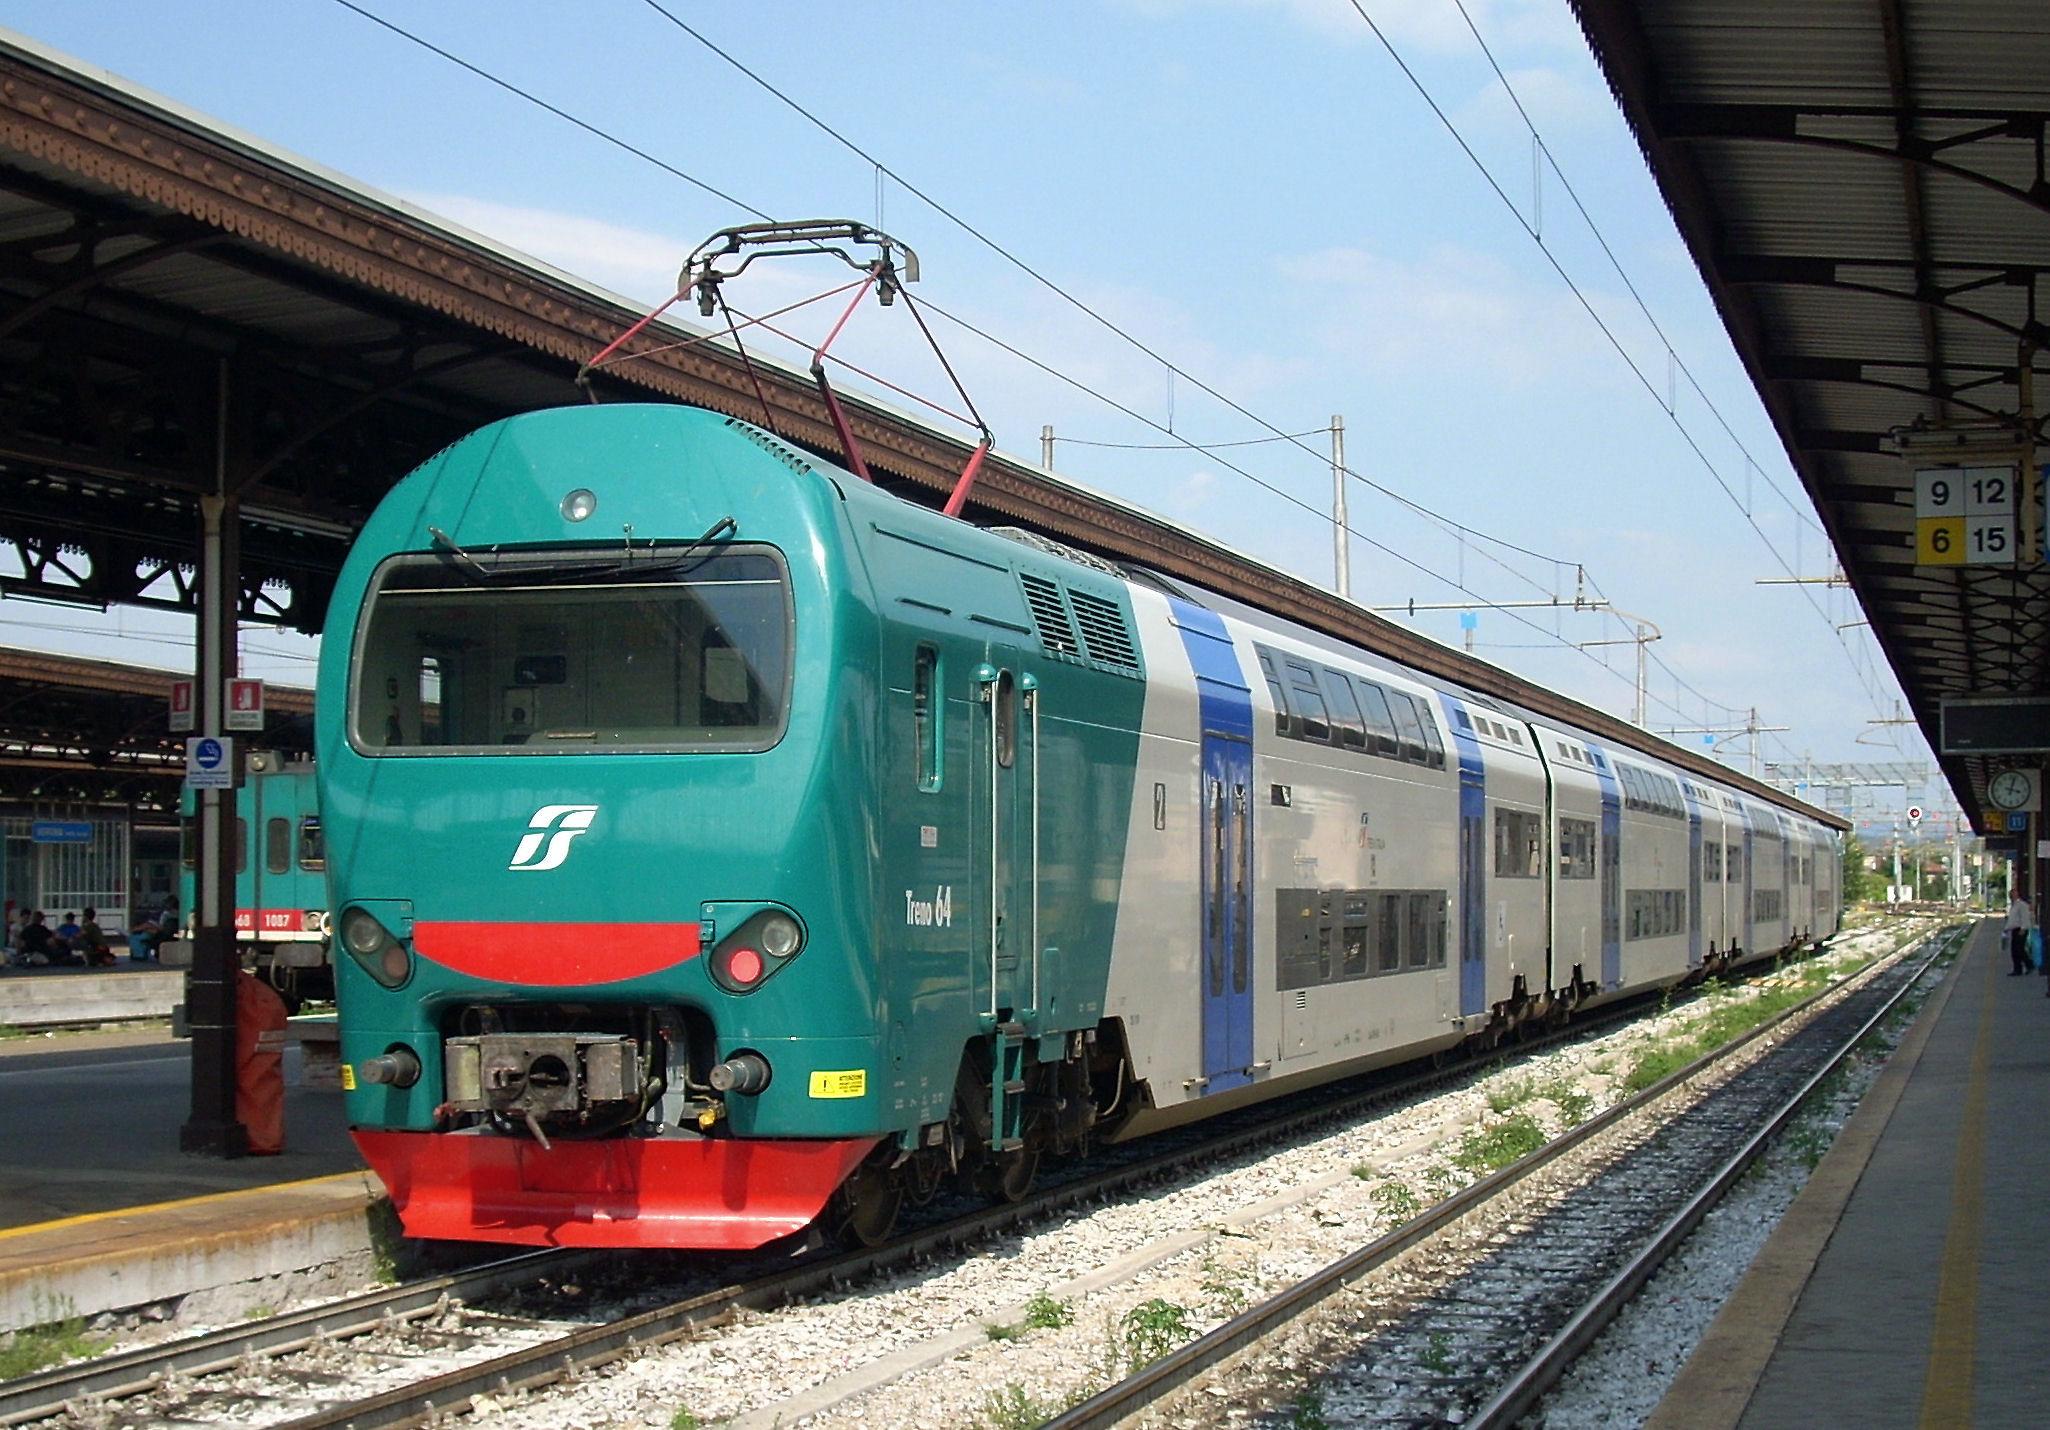 Ragazza_si_lancia_sotto_le_rotaie_del_treno_in_provincia_di_Messina